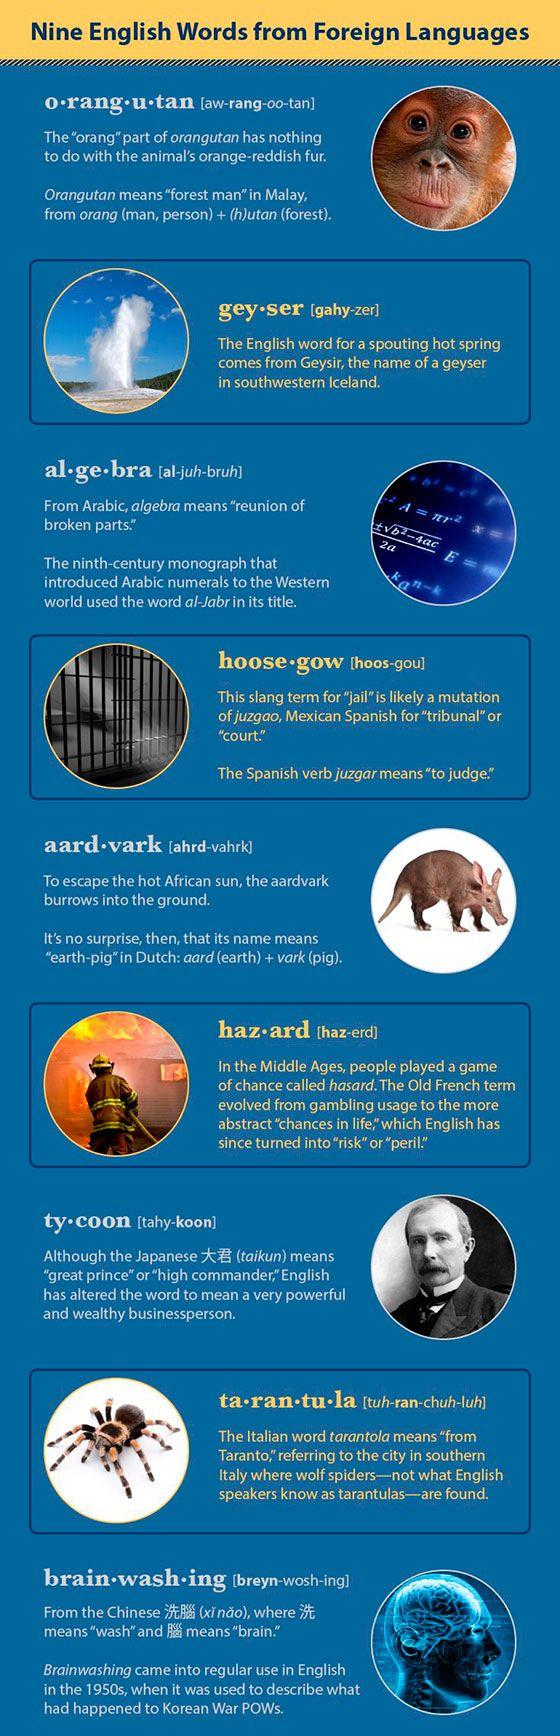 9 английских слов, пришедших из других языков